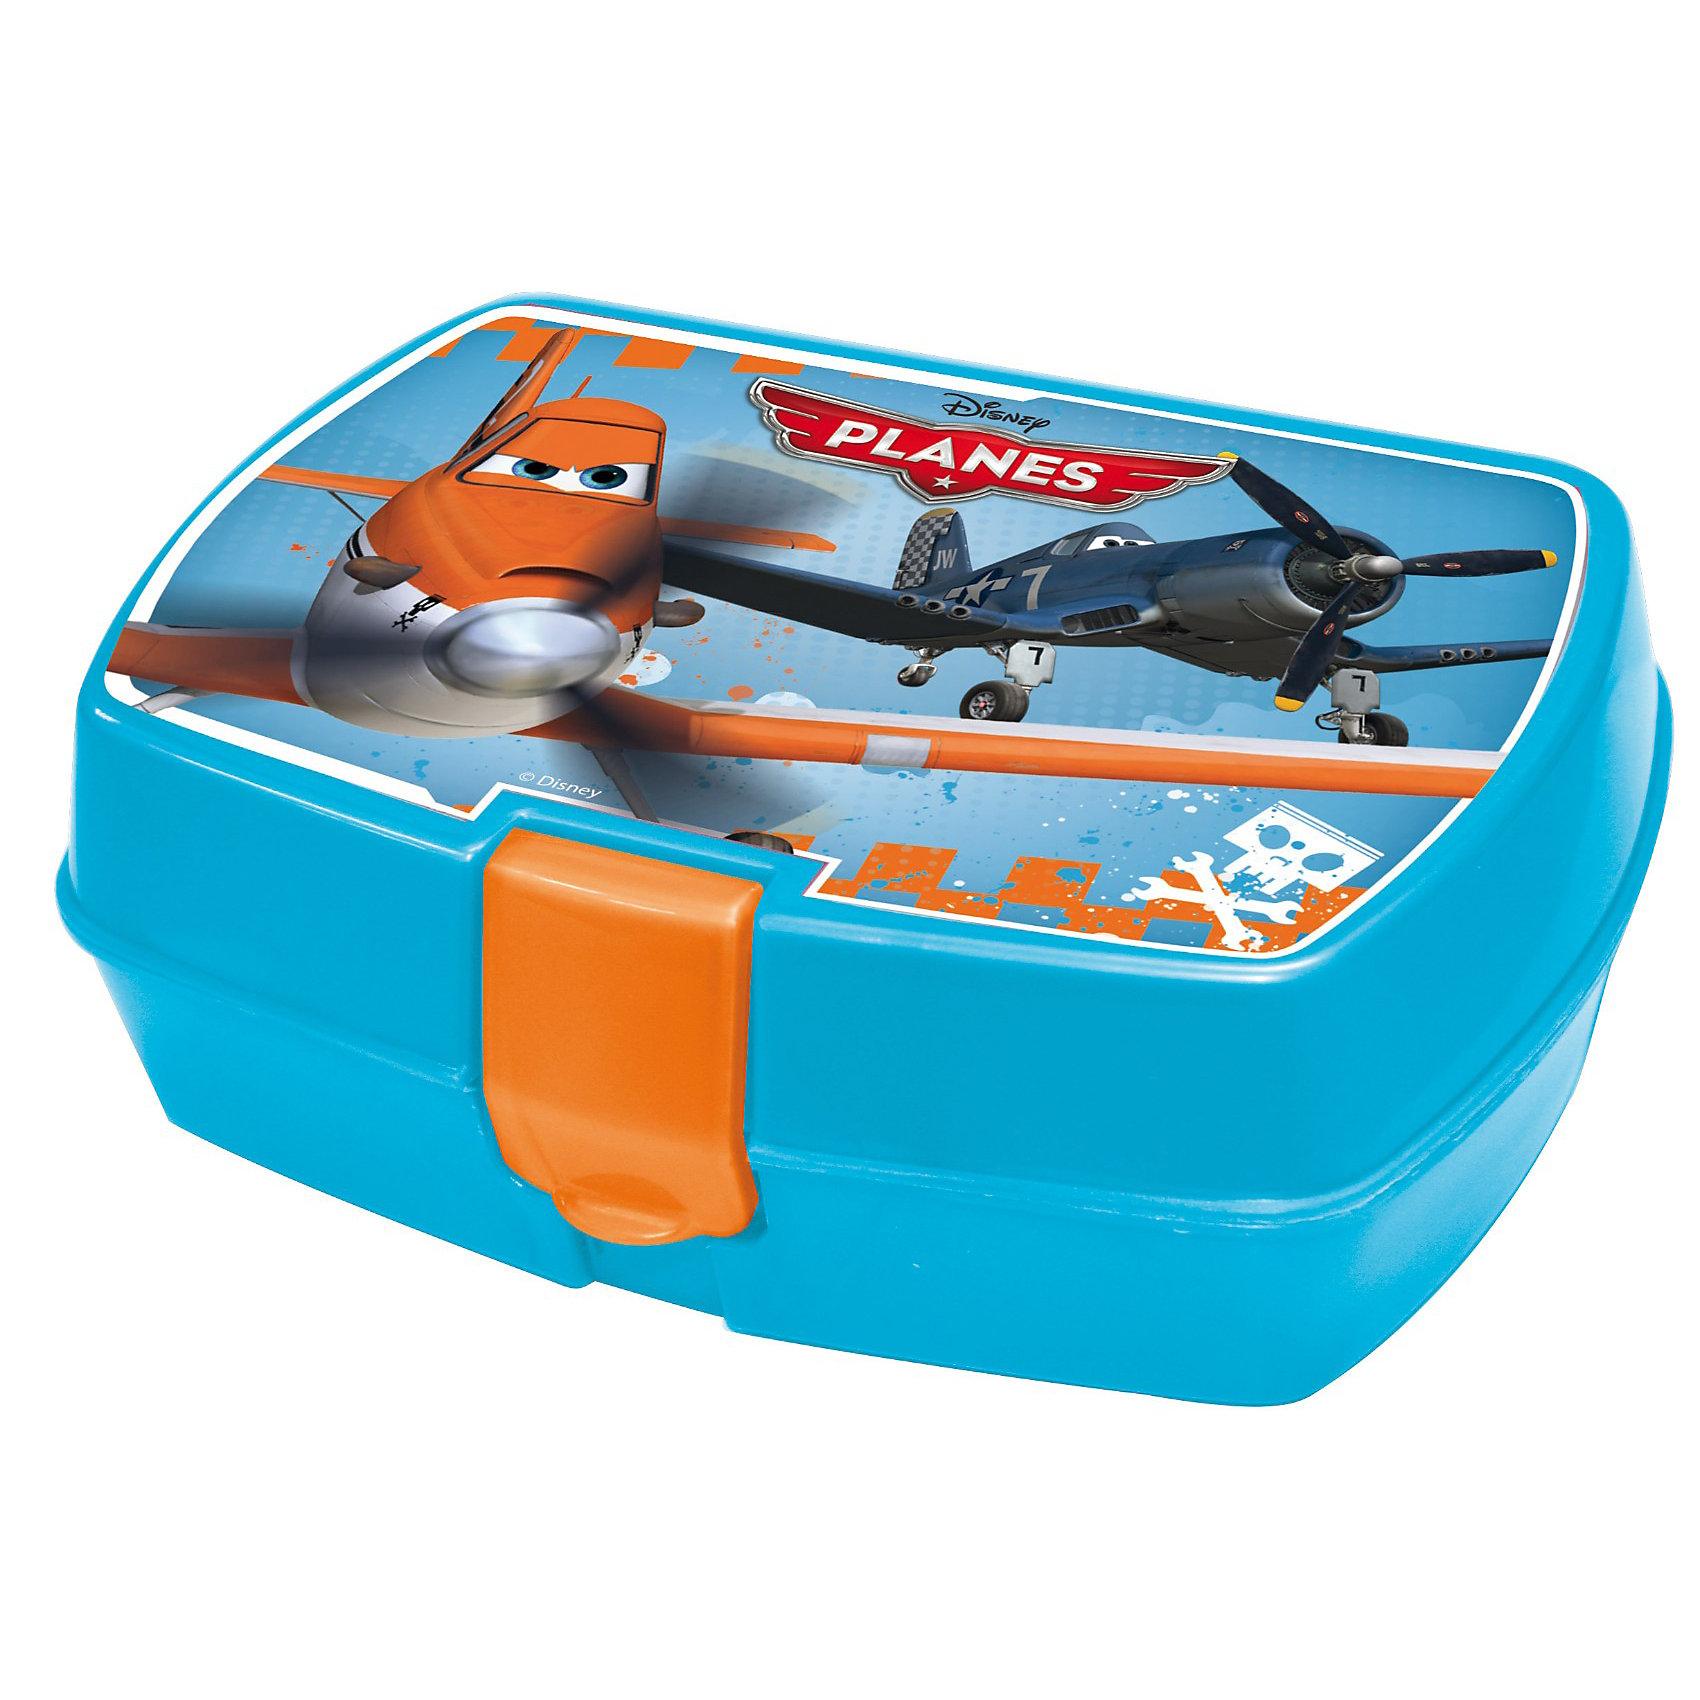 Самолеты Контейнер для бутербродовБутылки для воды и бутербродницы<br>Удобный, плотнозакрывающийся контейнер для бутербродов бережно сохранит ланч Вашего мальчика. А изображенные любимые герои - самолетики - не позволят ему забыть ланч-бокс в школу!<br><br>Дополнительная информация:<br><br>Размеры: 6х12х17 см<br>Посуда пластиковая.<br><br>Удобный и легкий контейнер не позволит Вашему ребенку остаться голодным в школе!<br><br>Ширина мм: 172<br>Глубина мм: 121<br>Высота мм: 61<br>Вес г: 88<br>Возраст от месяцев: 36<br>Возраст до месяцев: 1184<br>Пол: Мужской<br>Возраст: Детский<br>SKU: 3198794